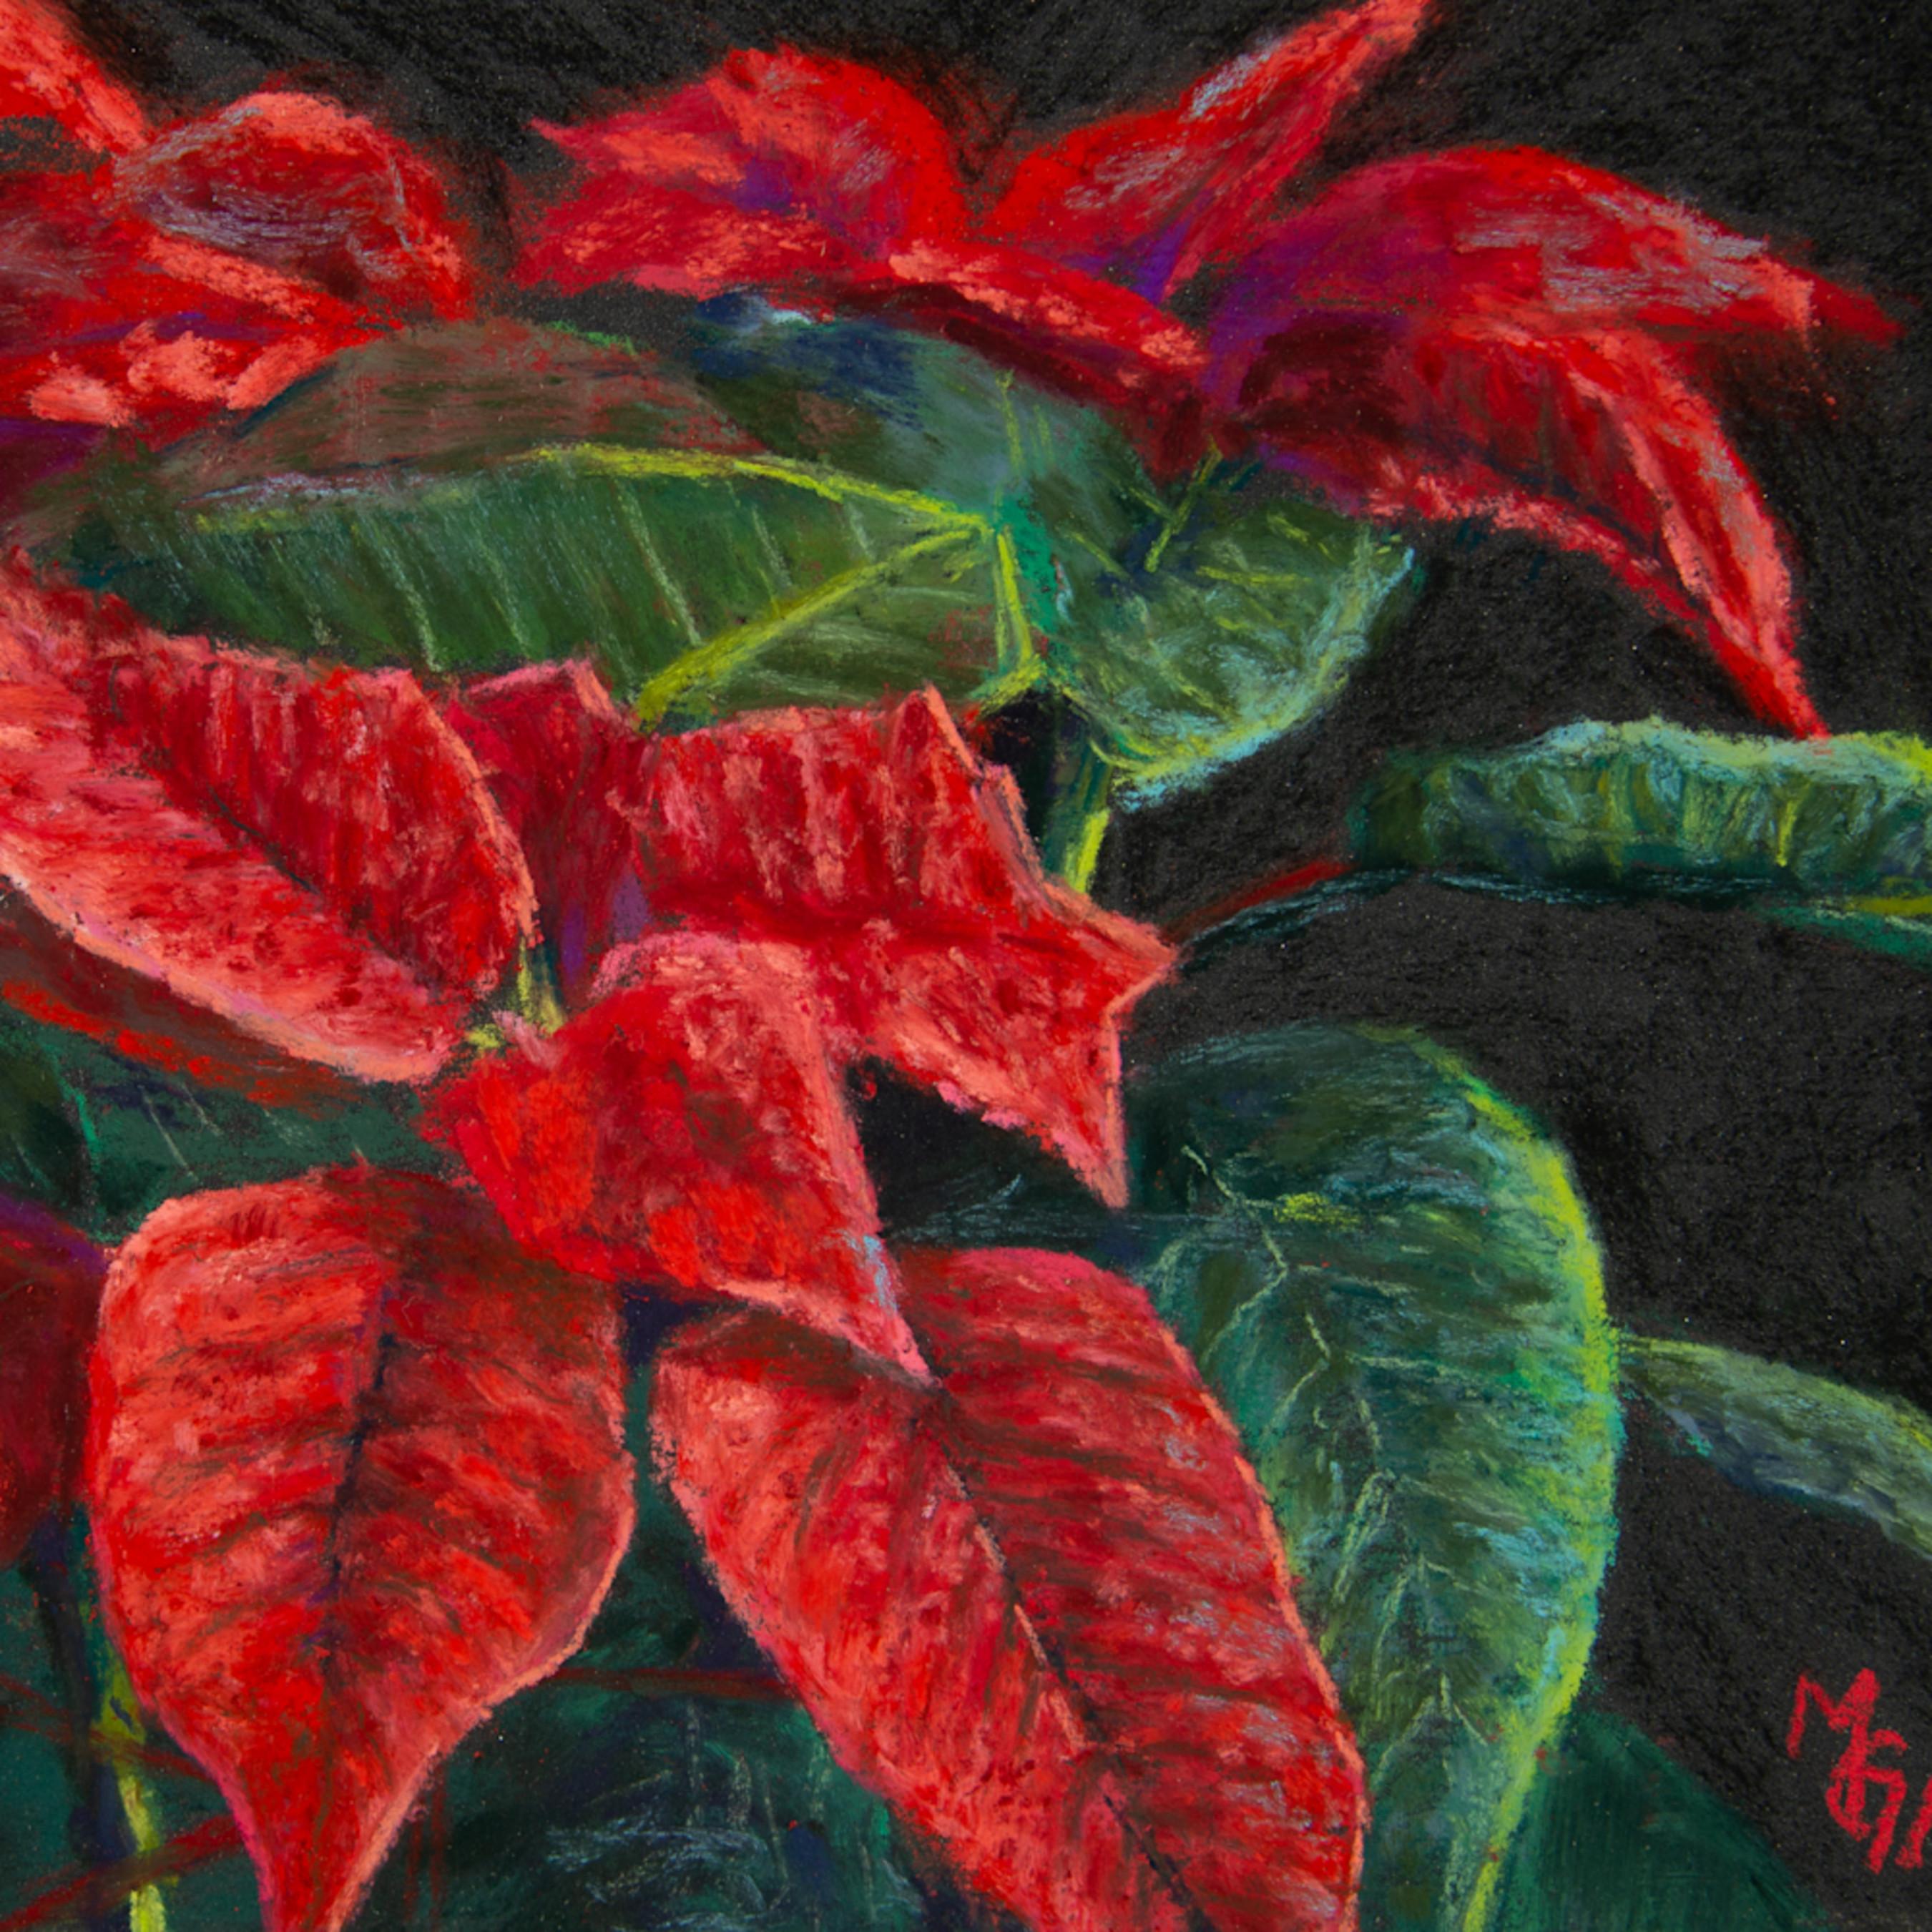 Poinsettias ypecsf